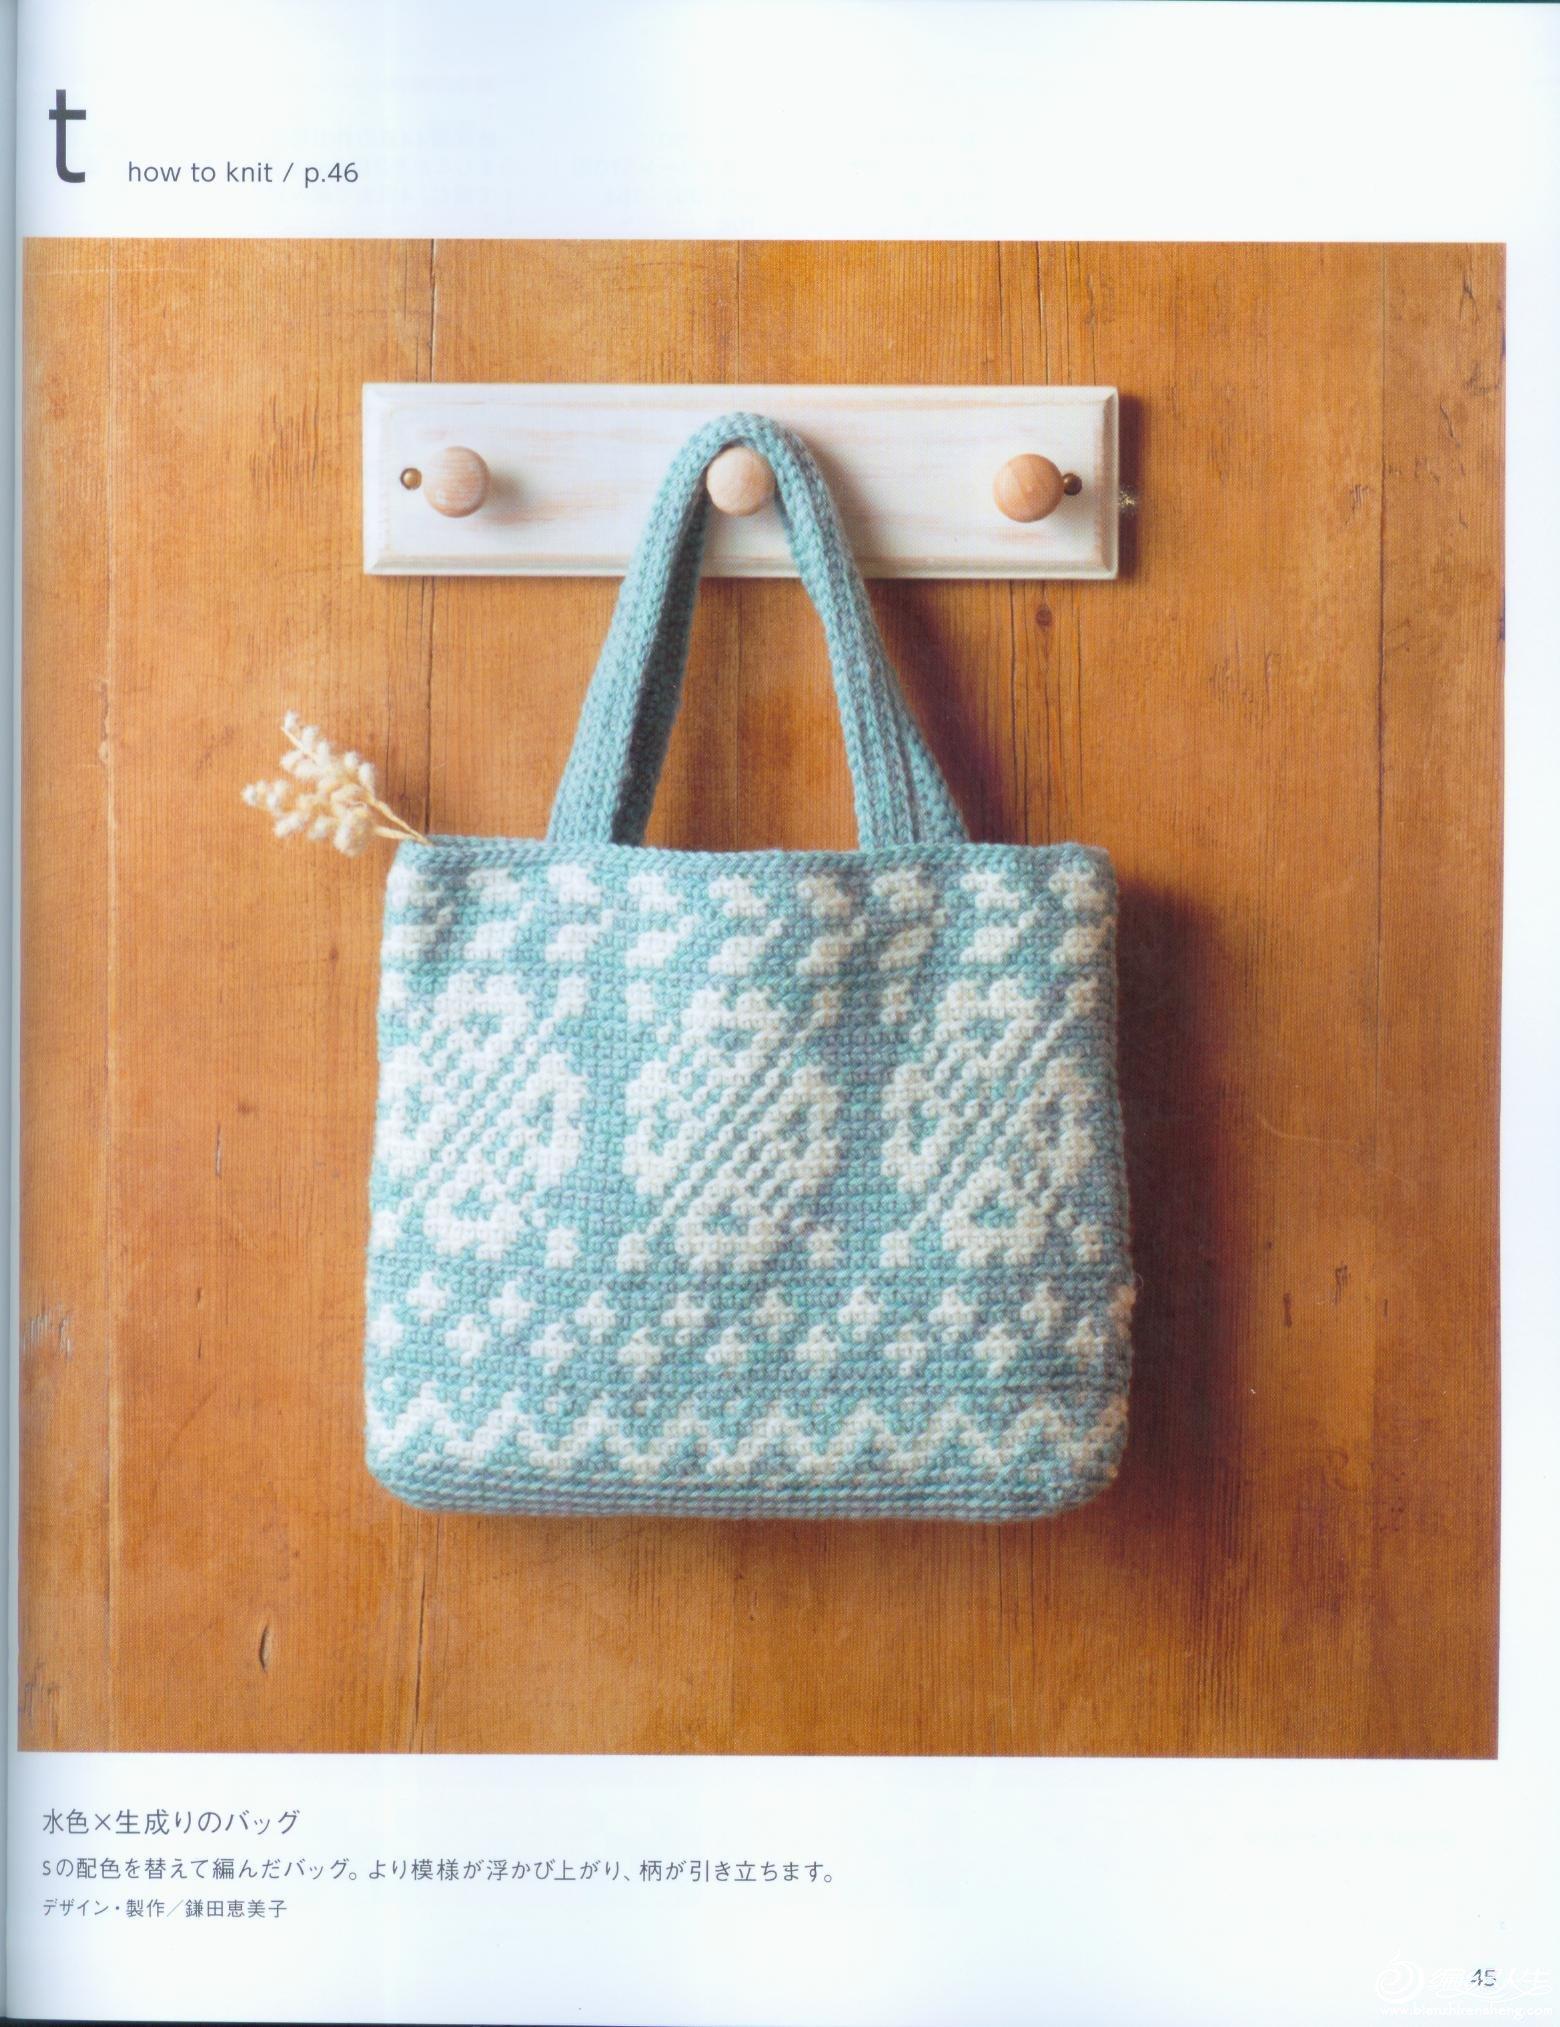 包 包包 包装 包装设计 购物纸袋 挎包手袋 女包 手提包 纸袋 1560